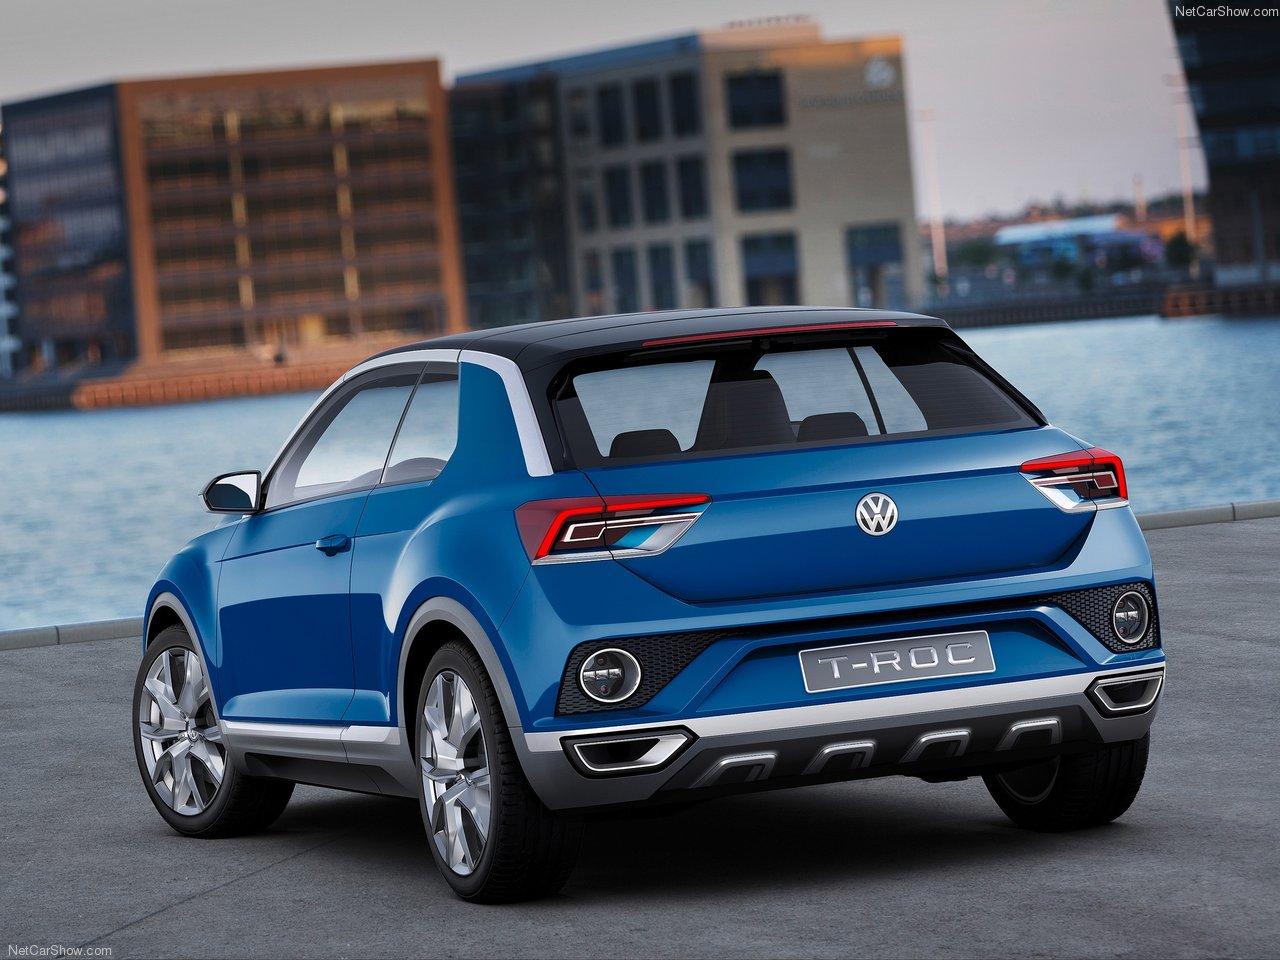 Volkswagen-T-Roc_Concept_2014_1280x960_wallpaper_09.jpg